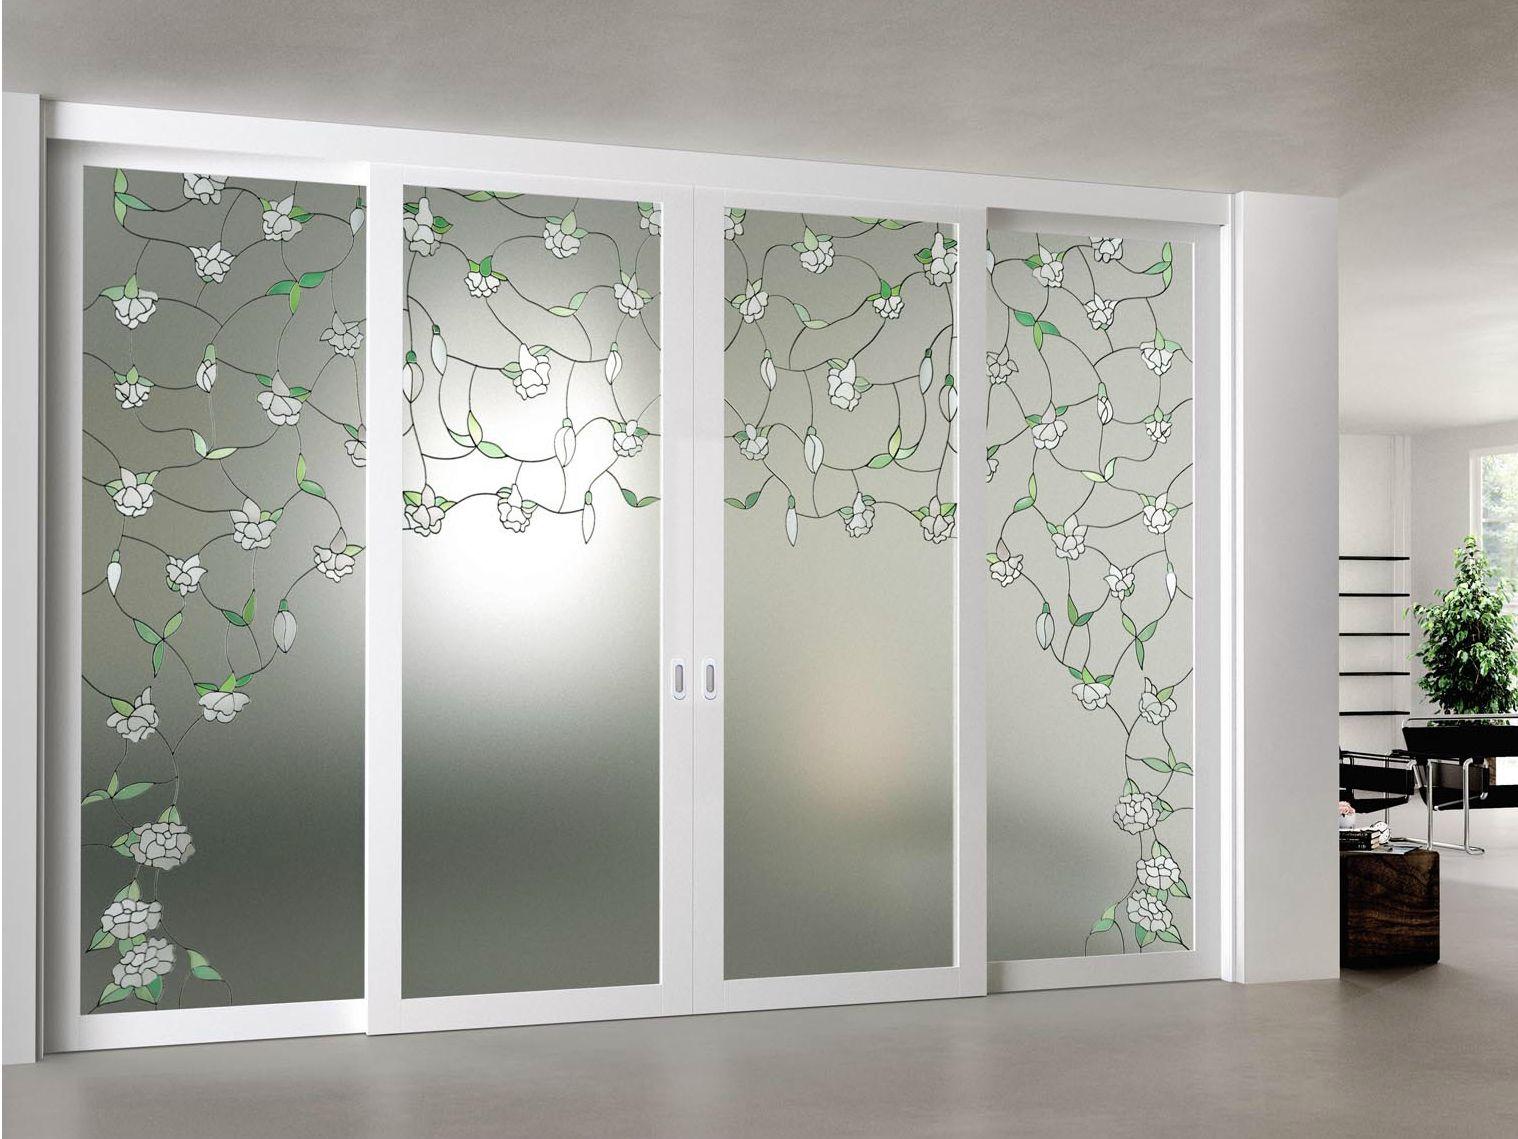 Puertas De Vidrio Glass Desing Pinterest Puertas De Vidrio Y  ~ Puerta Corredera Cristal Exterior